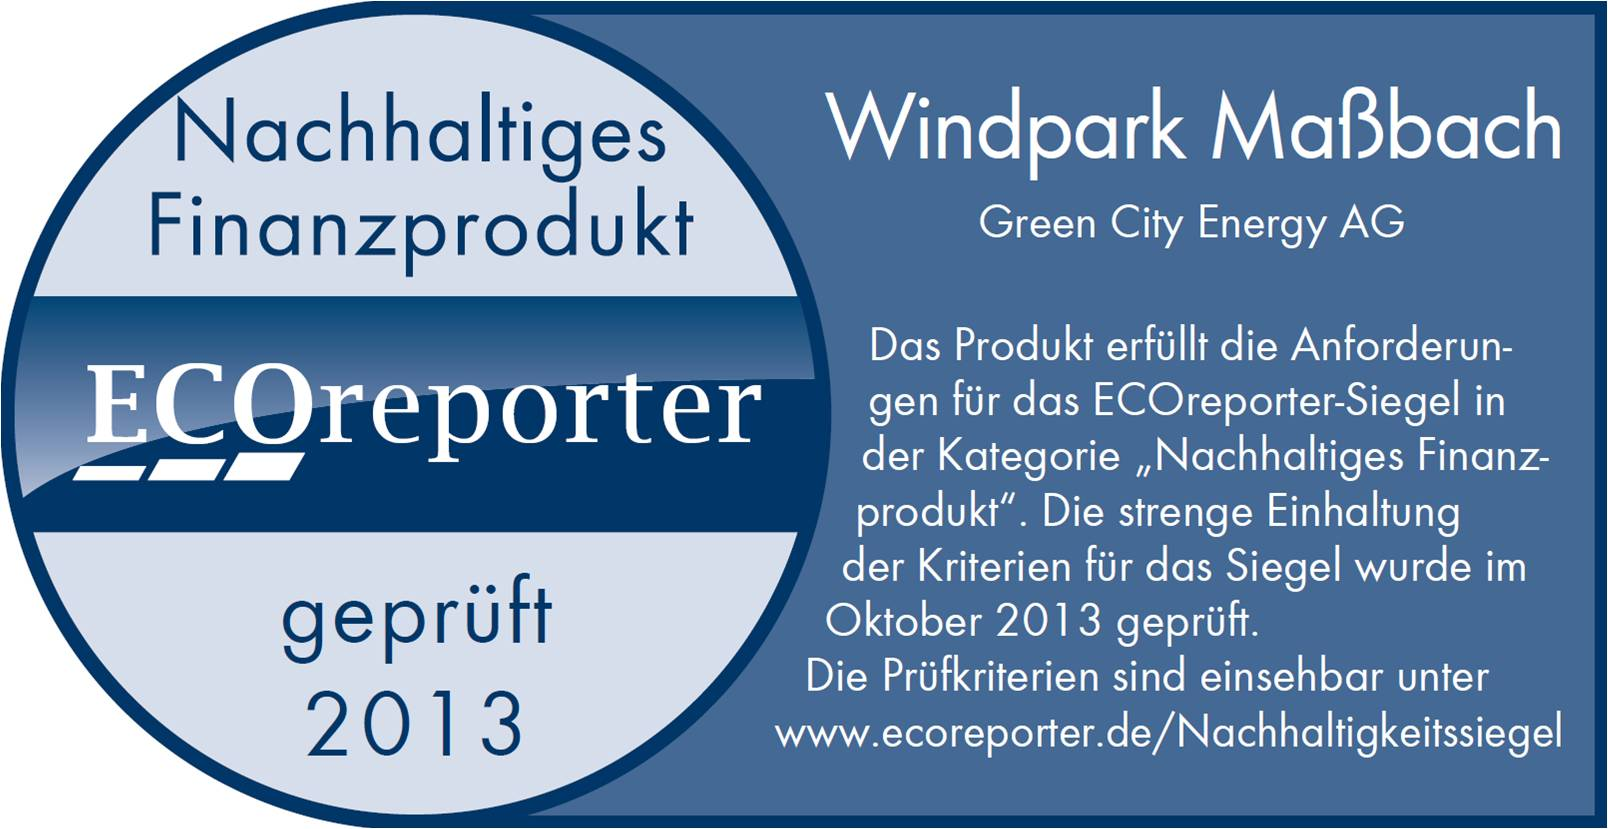 Windpark Maßbach von Green City Energy erhält Nachhaltigkeitssiegel von ECOreporter